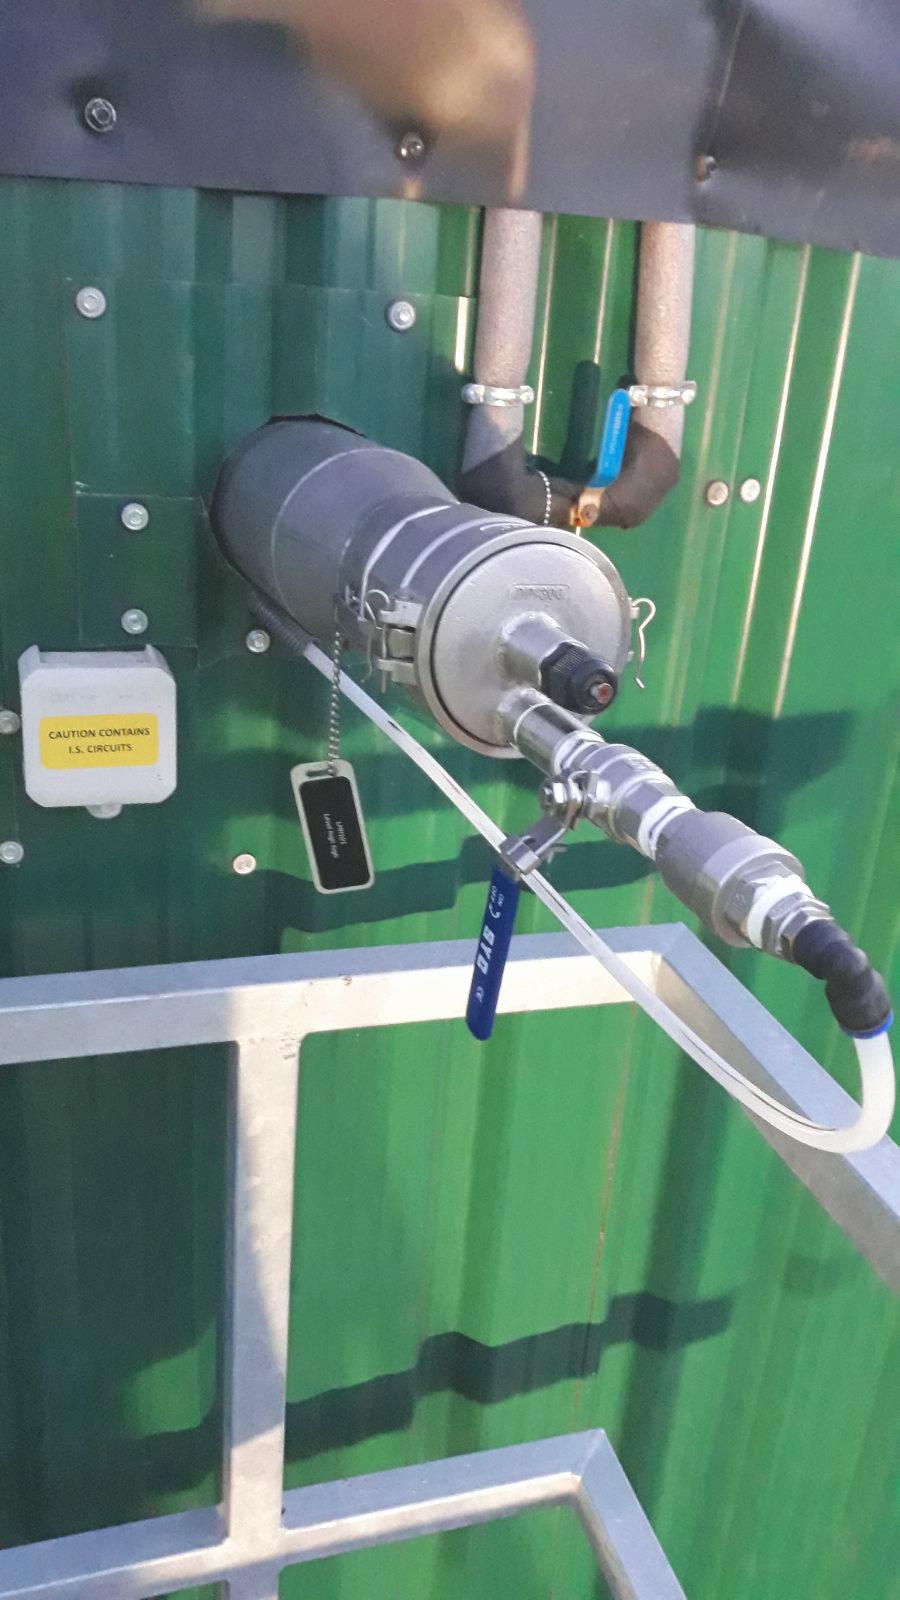 Biogas Stracathro United Kingdom Sensor de Nivel Alto de Tanque-Planta de Biogás de 1MW en Stracathro Reino Unido